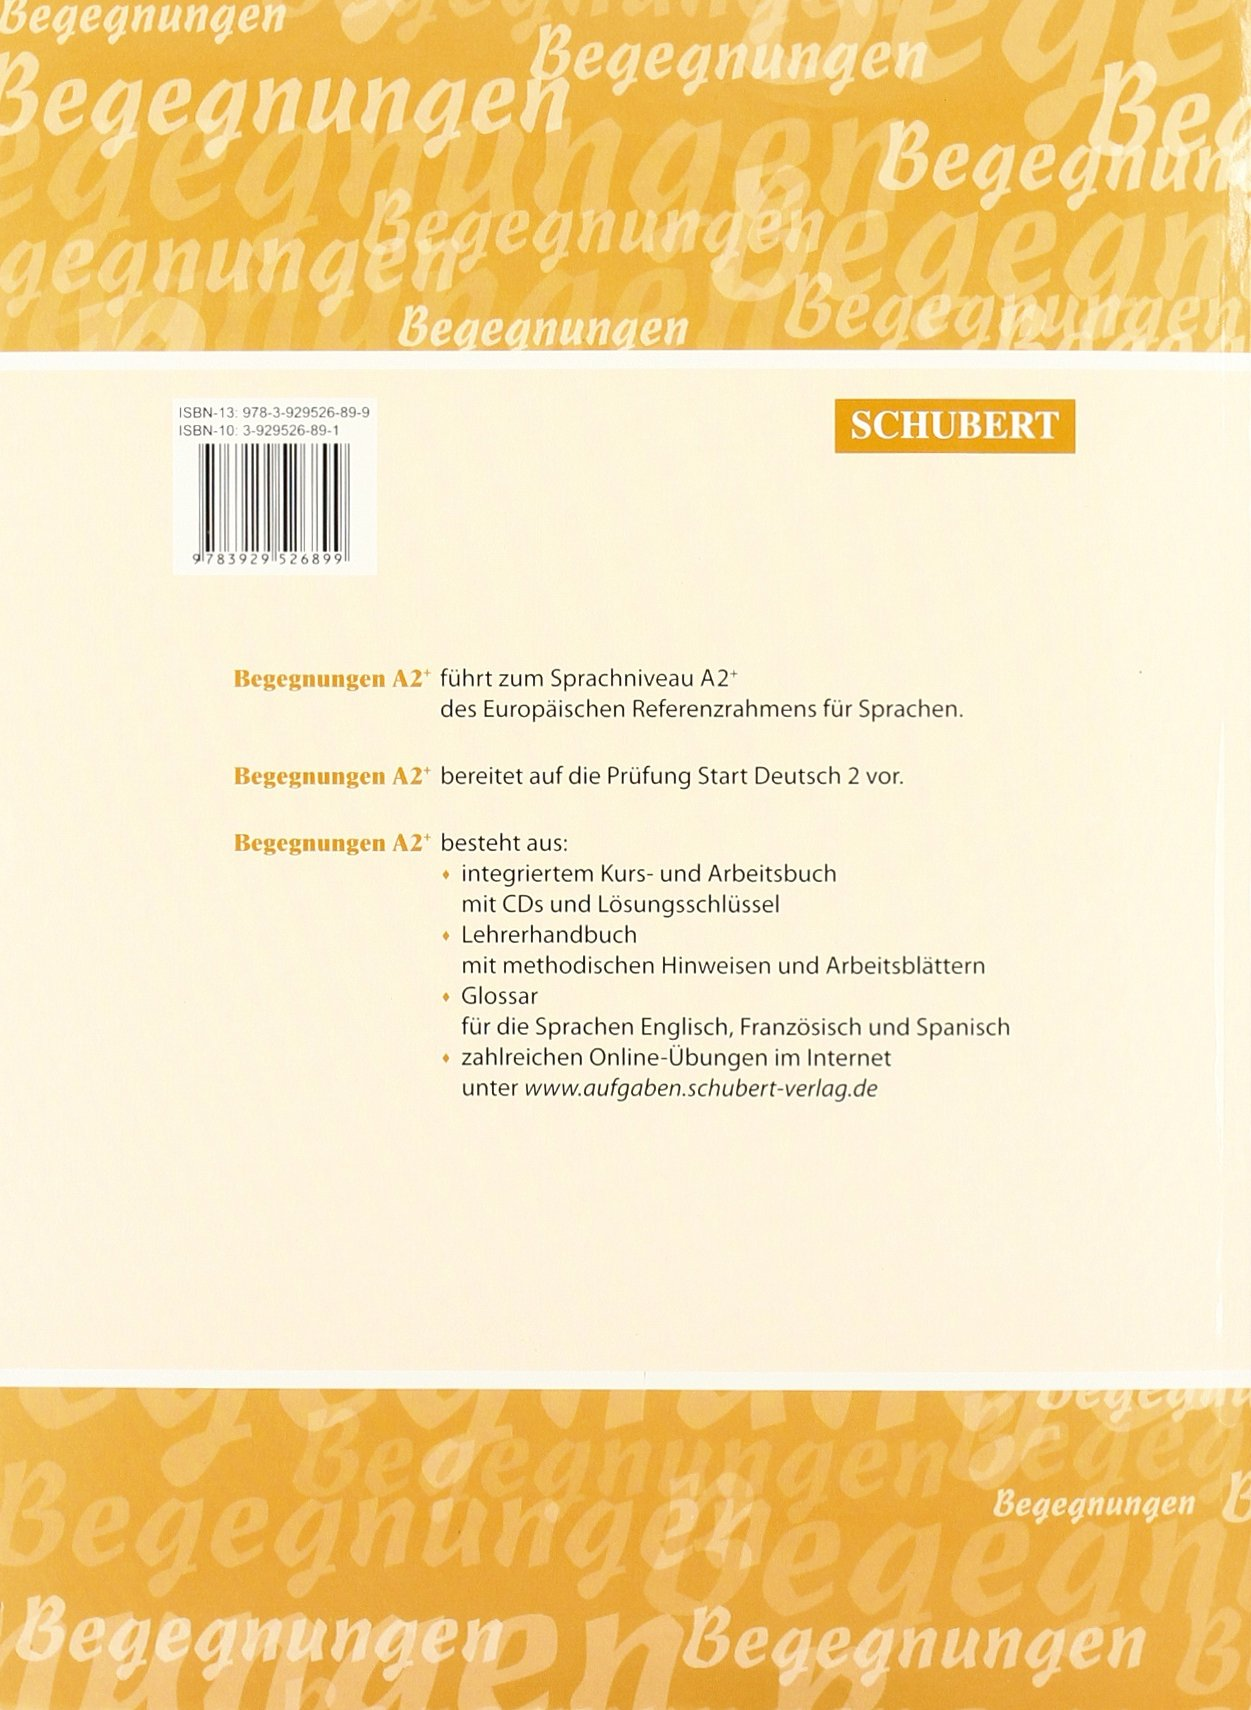 Begegnungen a2 pdf free download